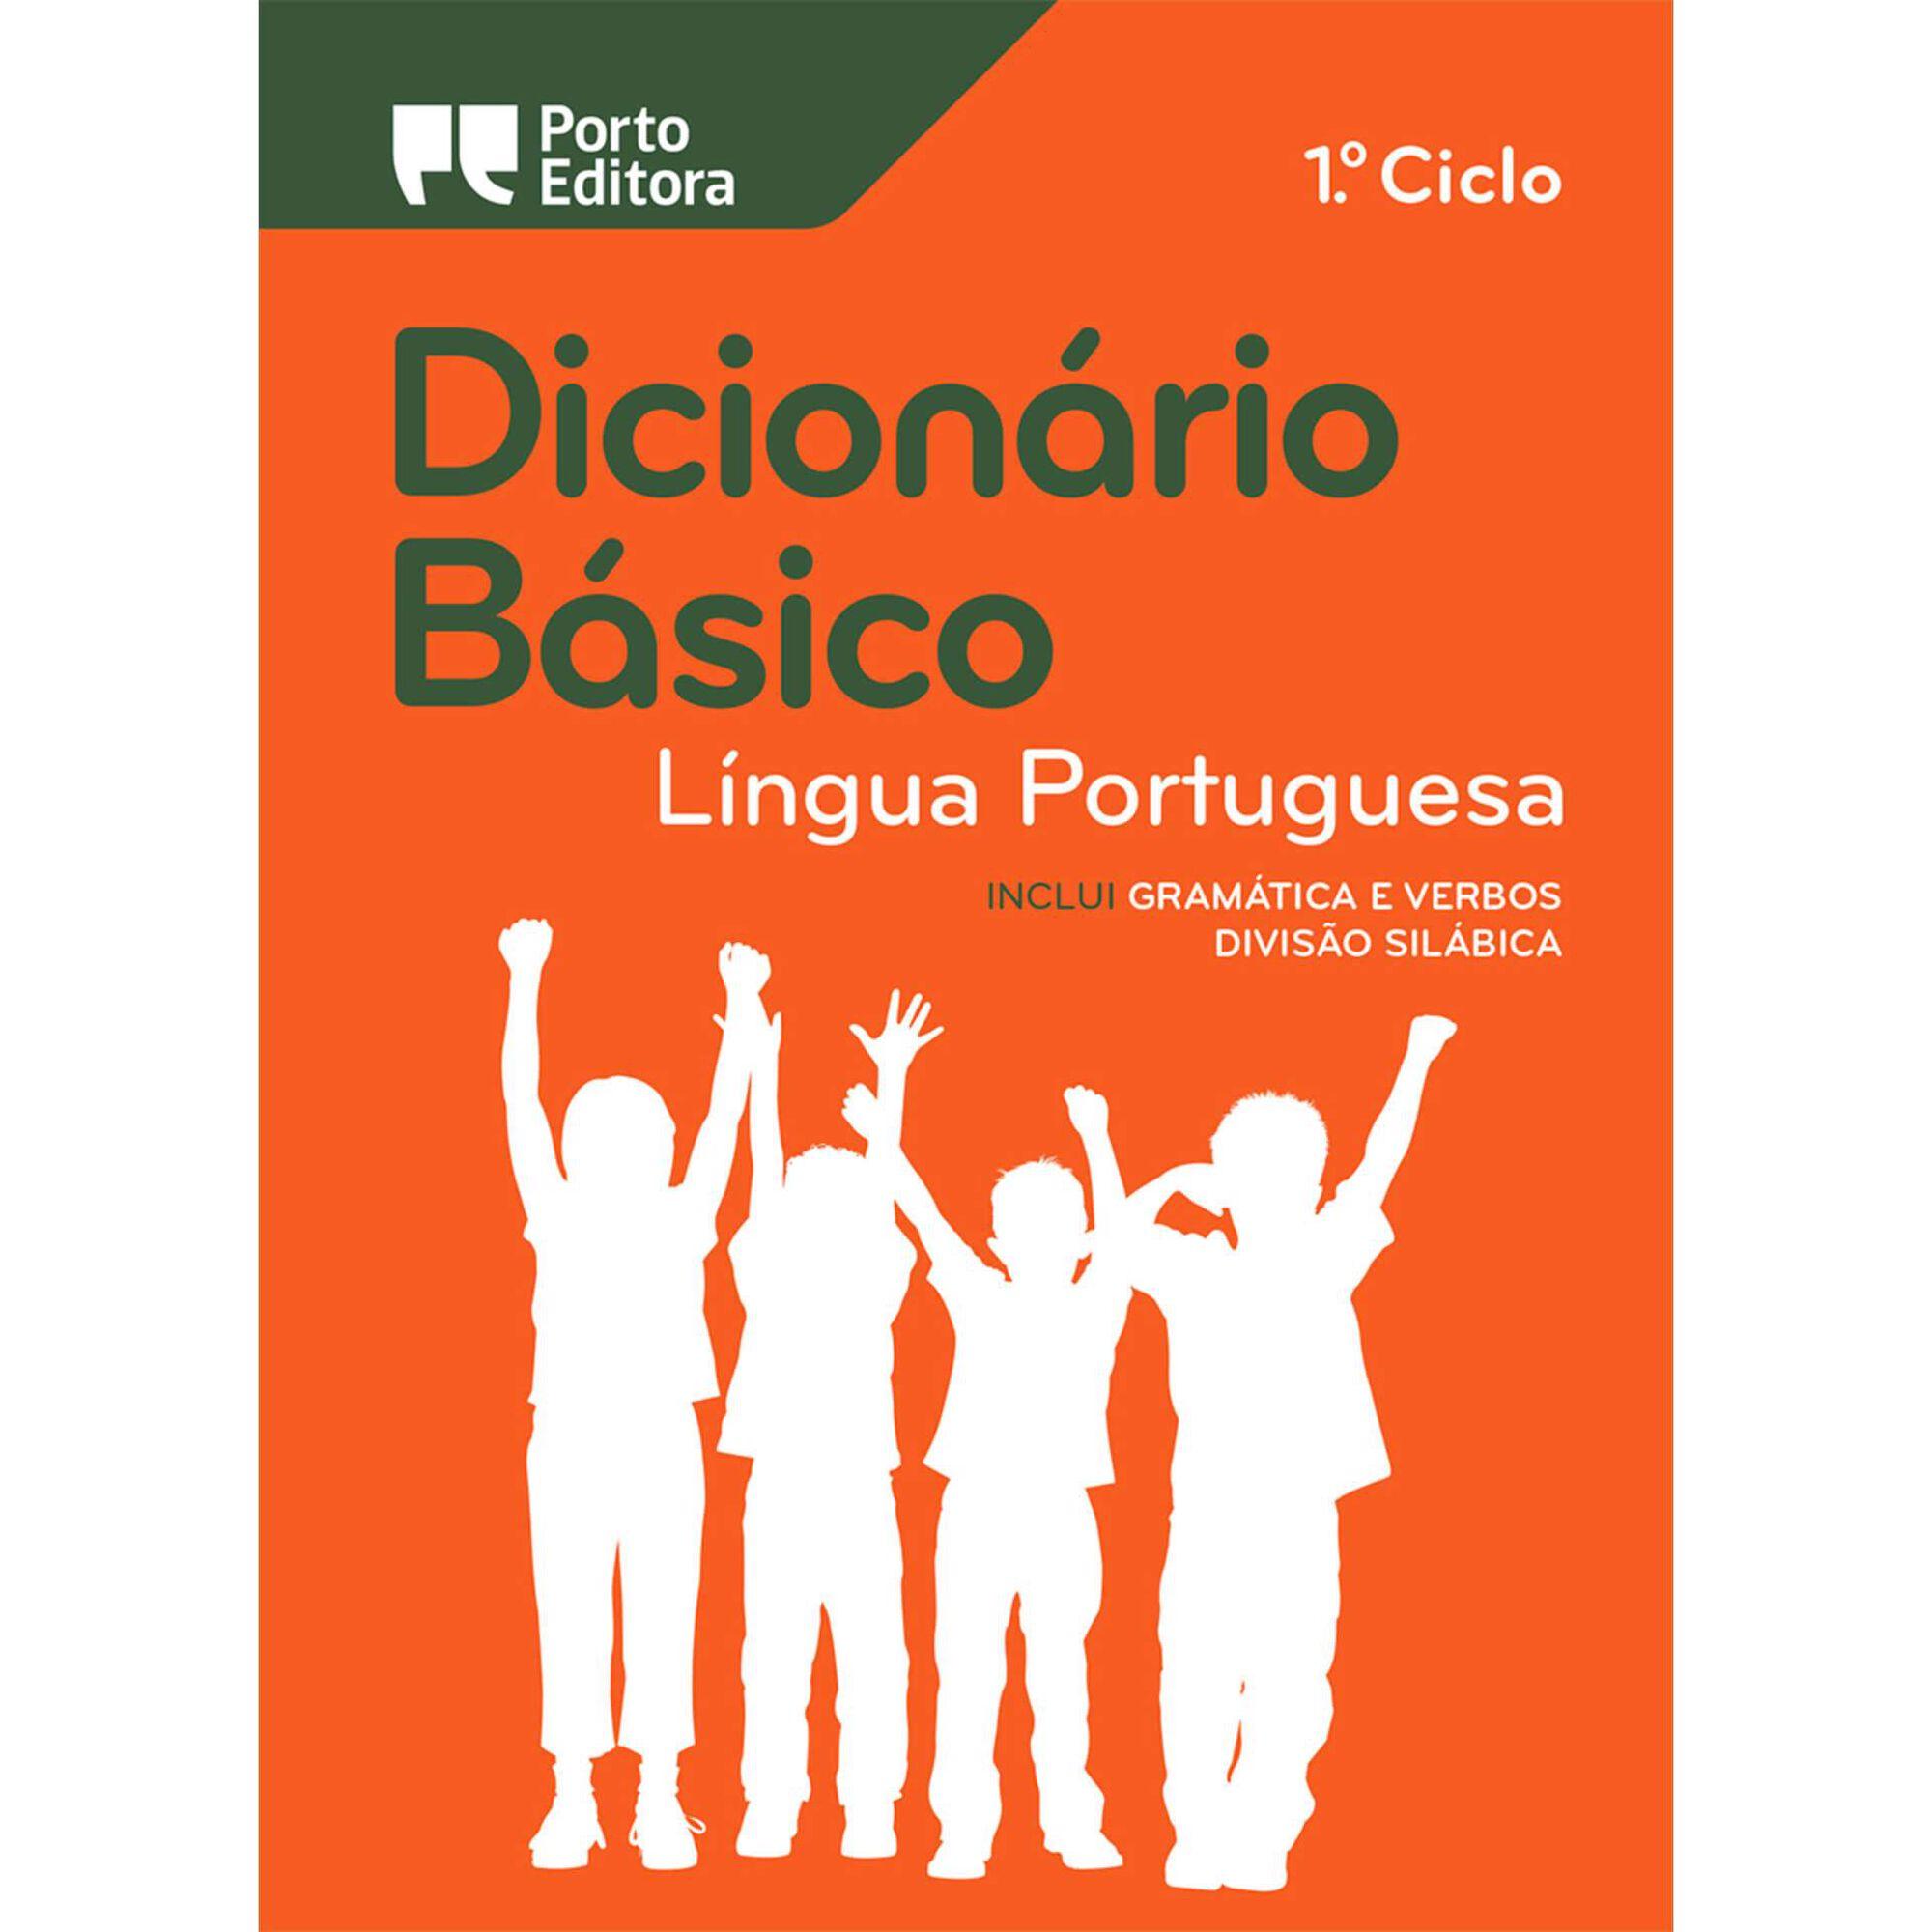 Dicionário Básico Língua Portuguesa